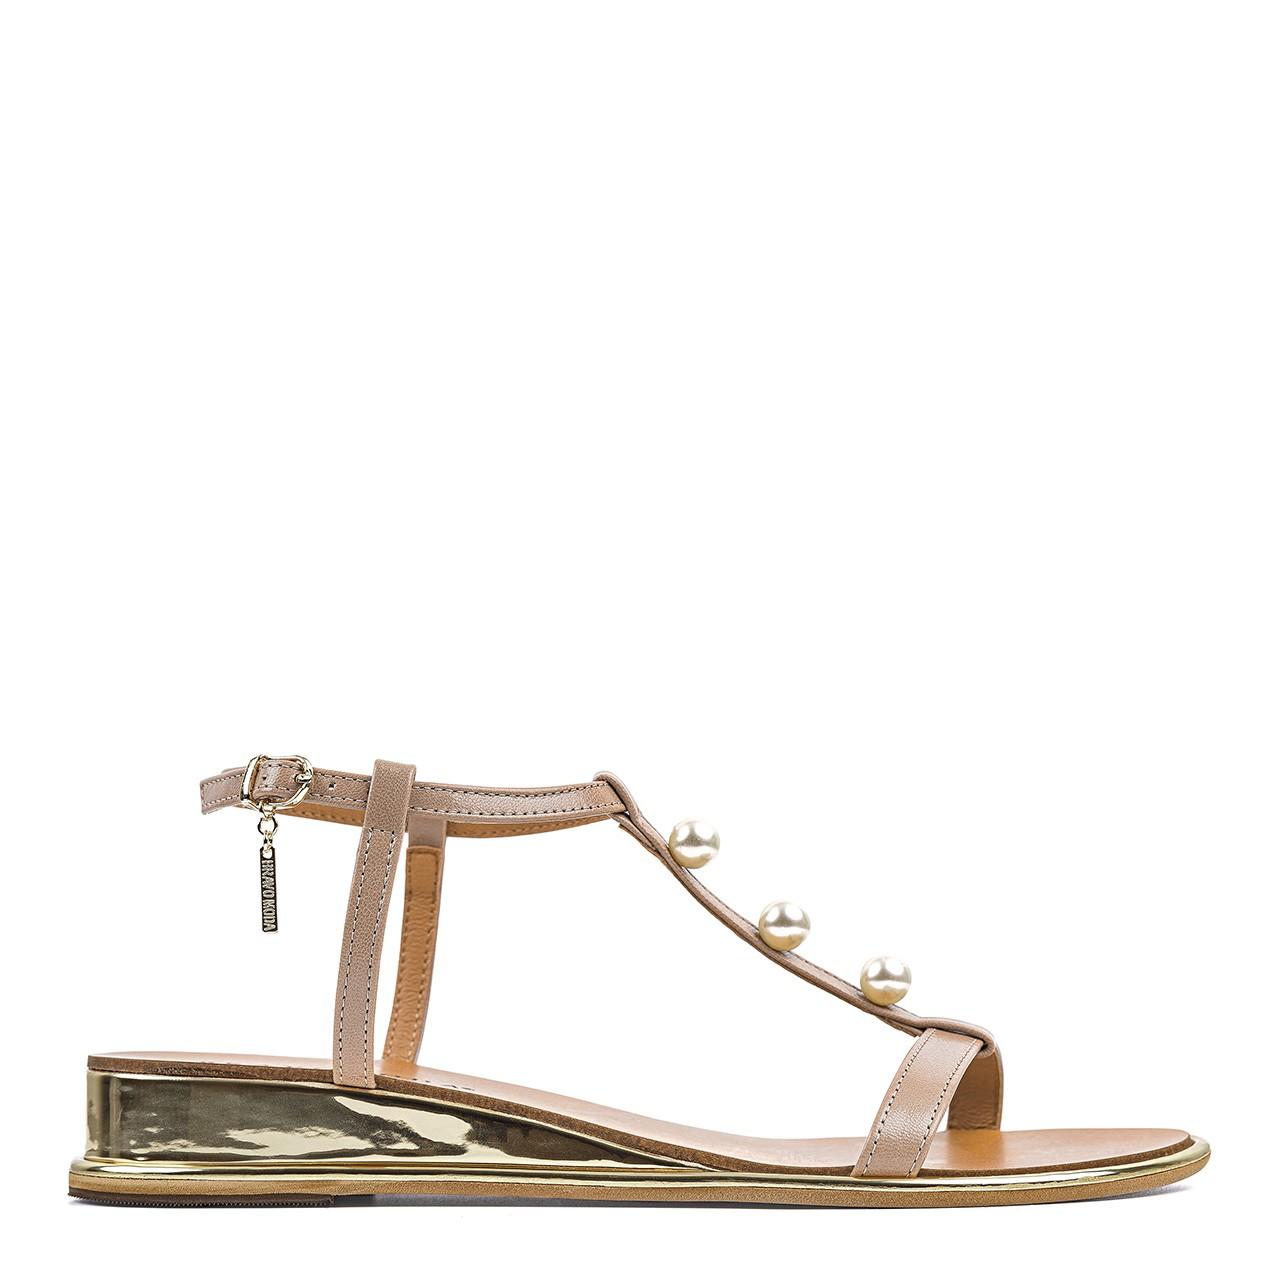 Brązowe sandały z ozdobnymi perełkami i podwyższonym koturnem